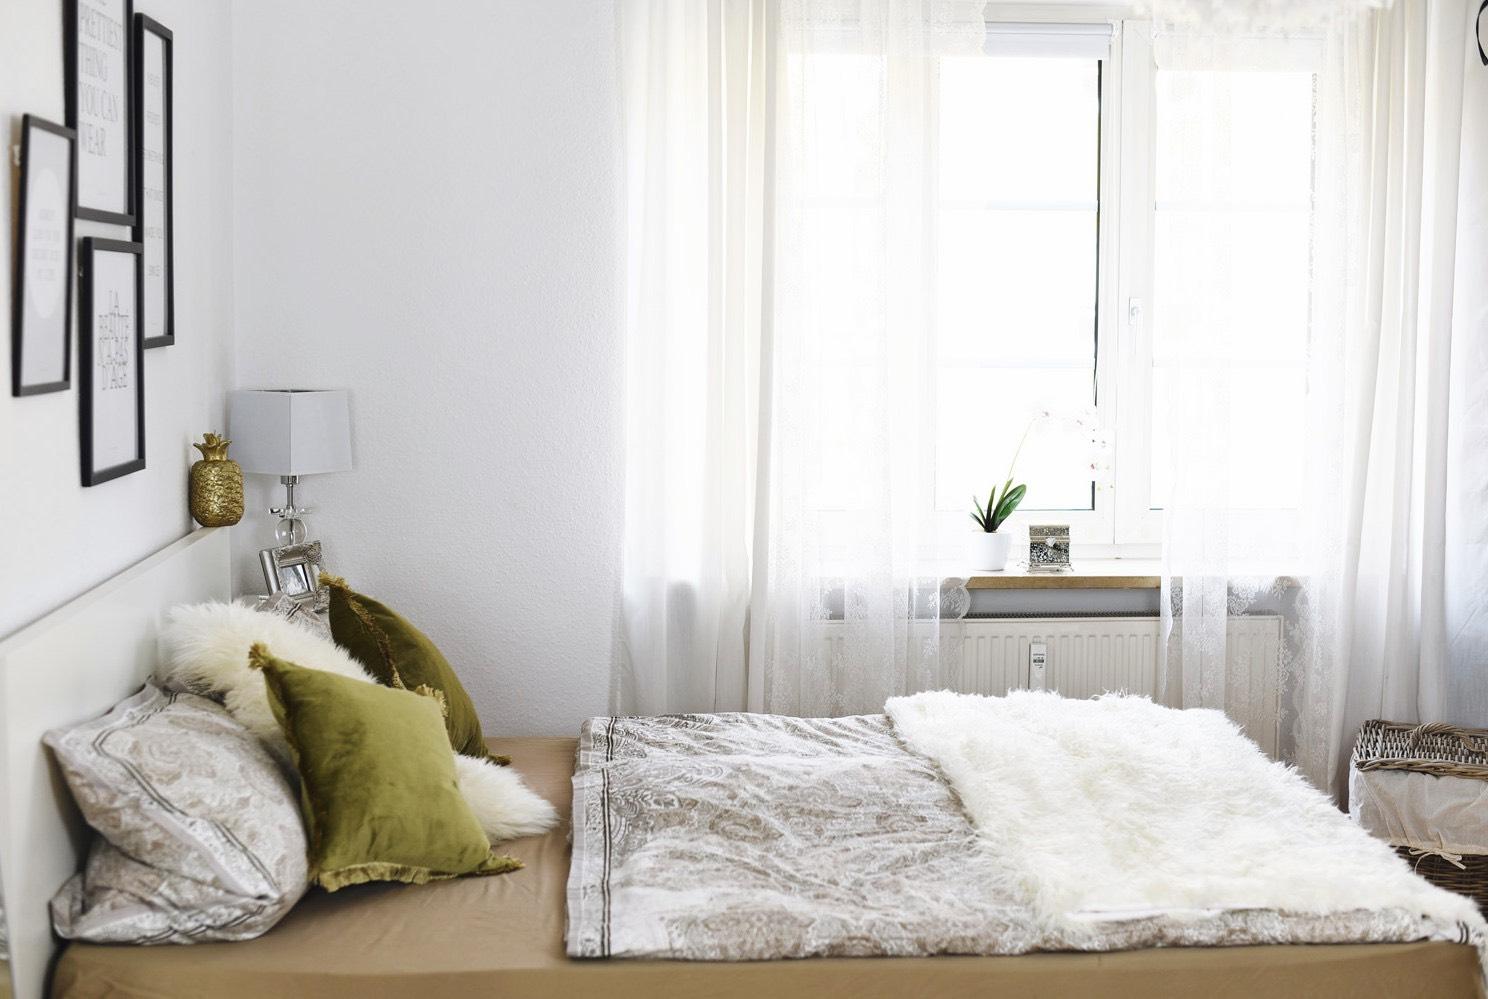 fashiioncarpet-nina-schlafzimmer-einrichtung-deko-tipps-blogger-wohnung-hell-und-freundlich-nina-schwichtenberg